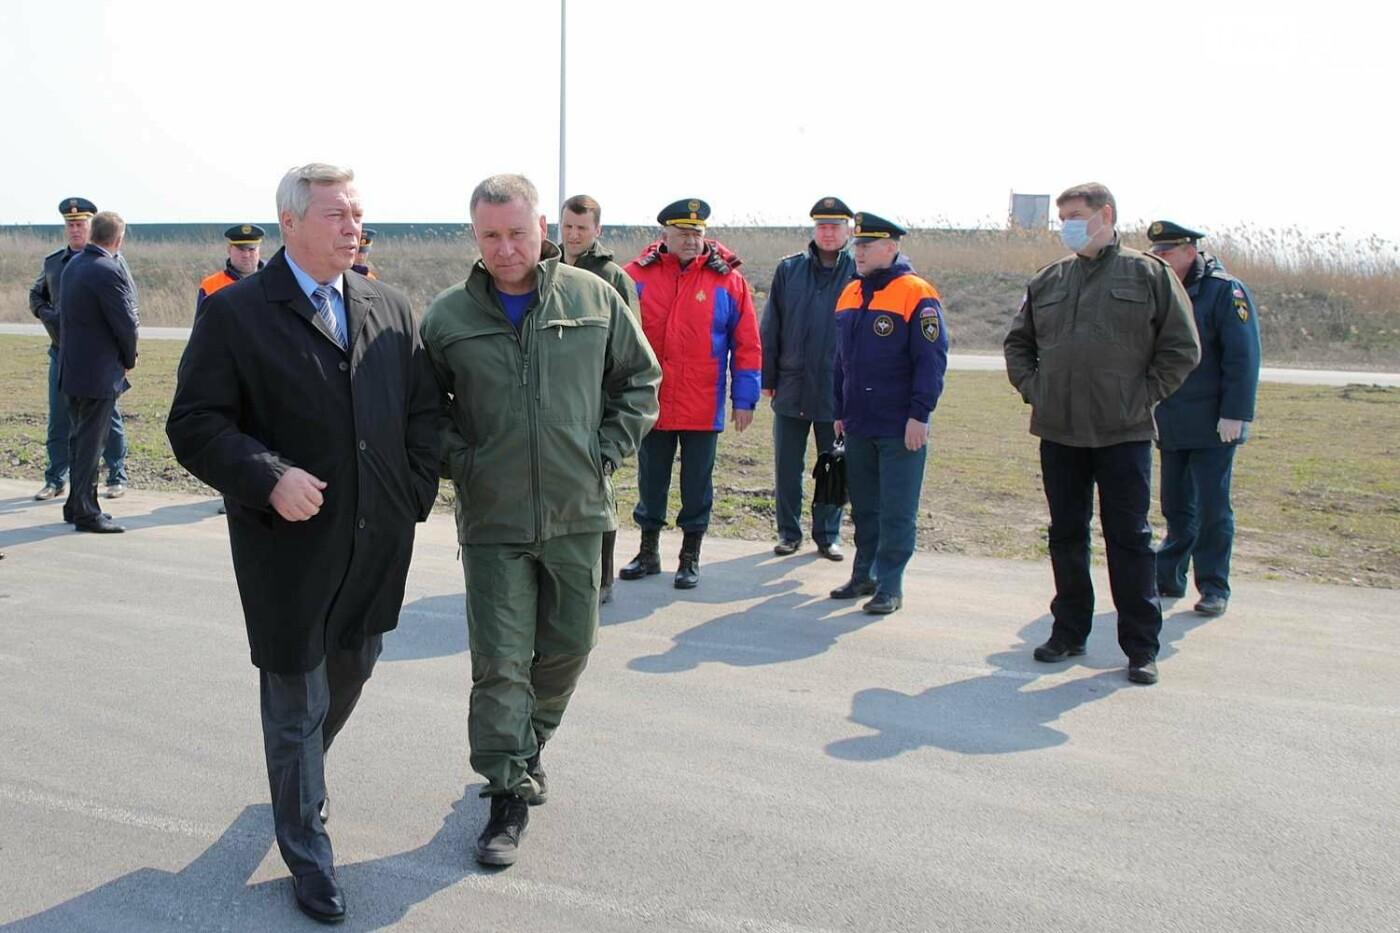 Глава чрезвычайного ведомства России прибыл в Ростов-на-Дону, фото-2